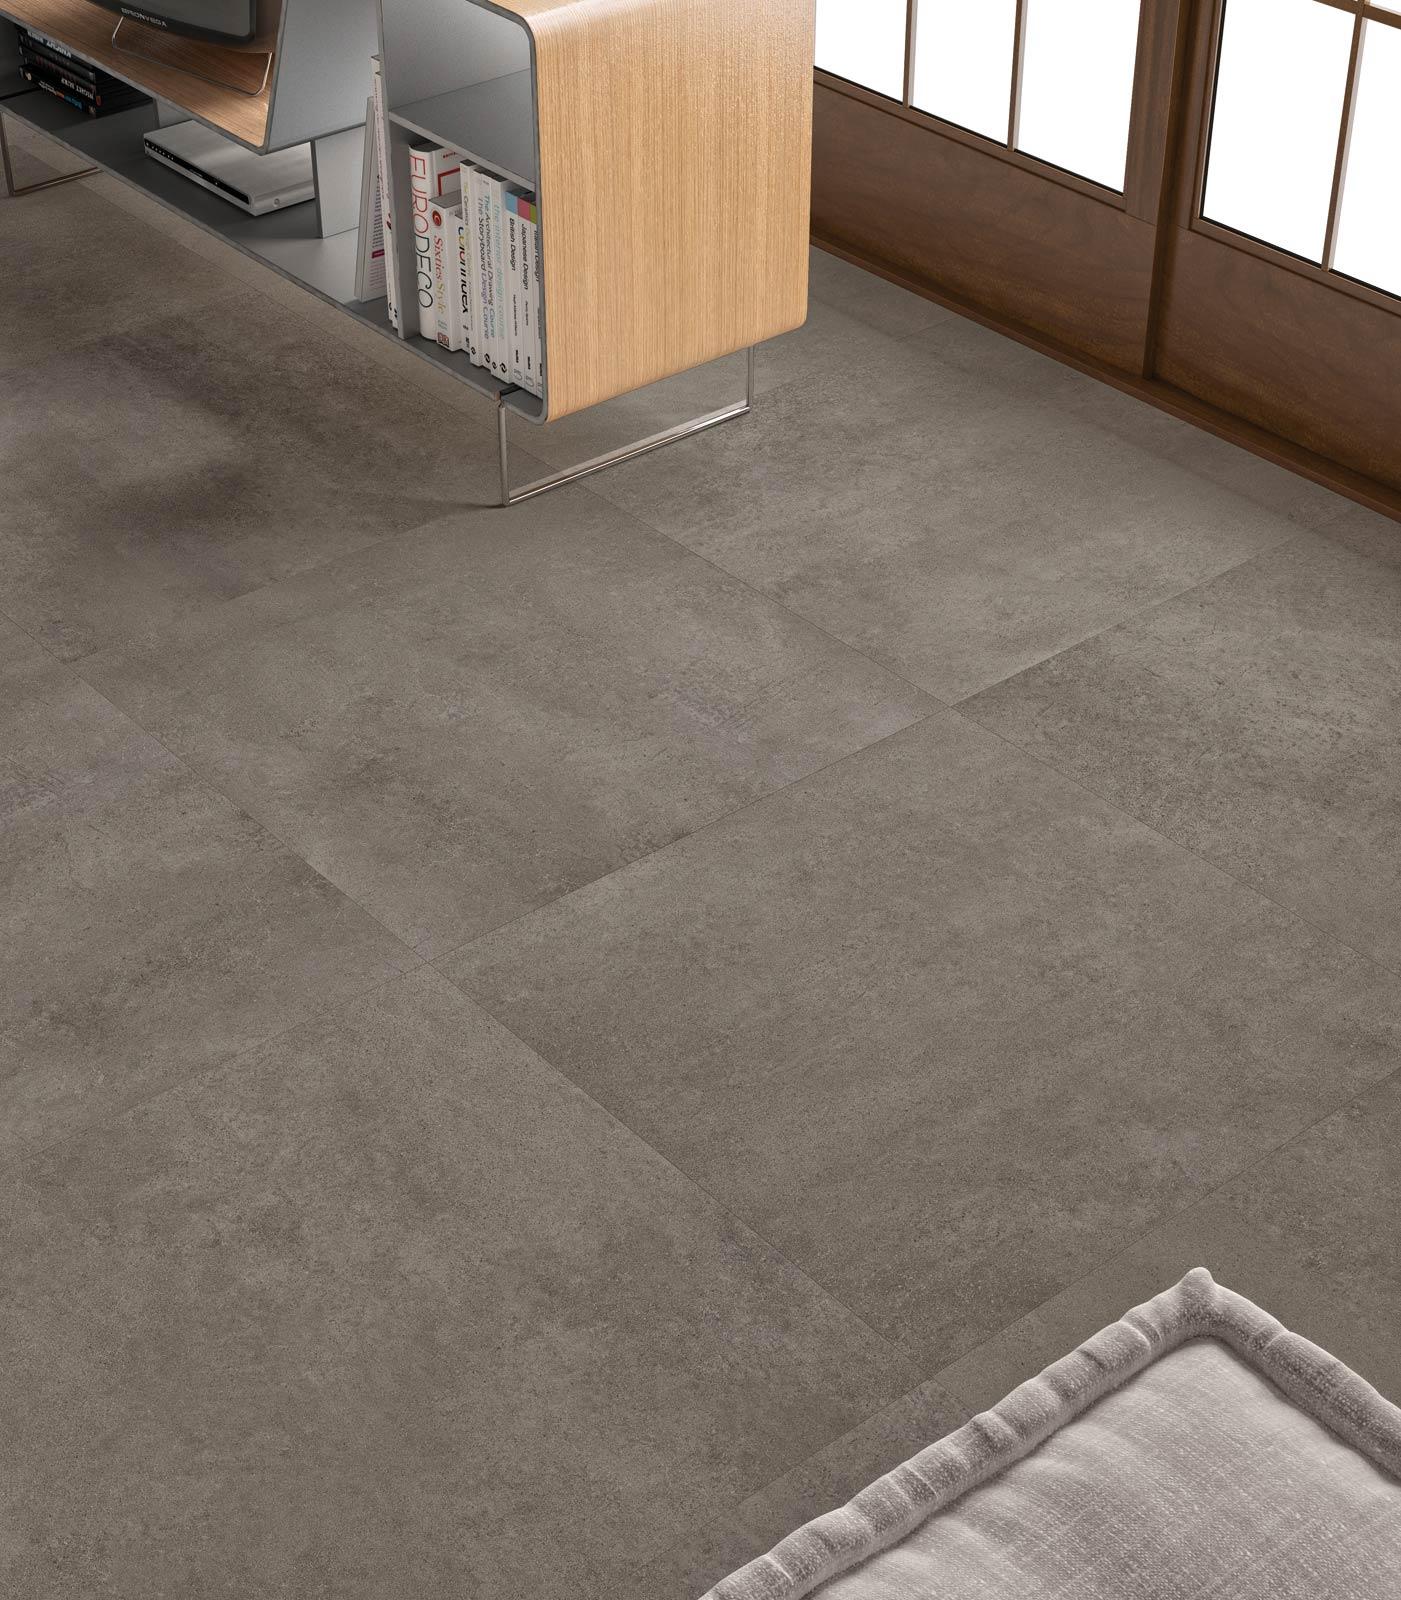 Gres porcellanato effetto cotto e cemento marazzi - Piastrelle effetto cemento ...